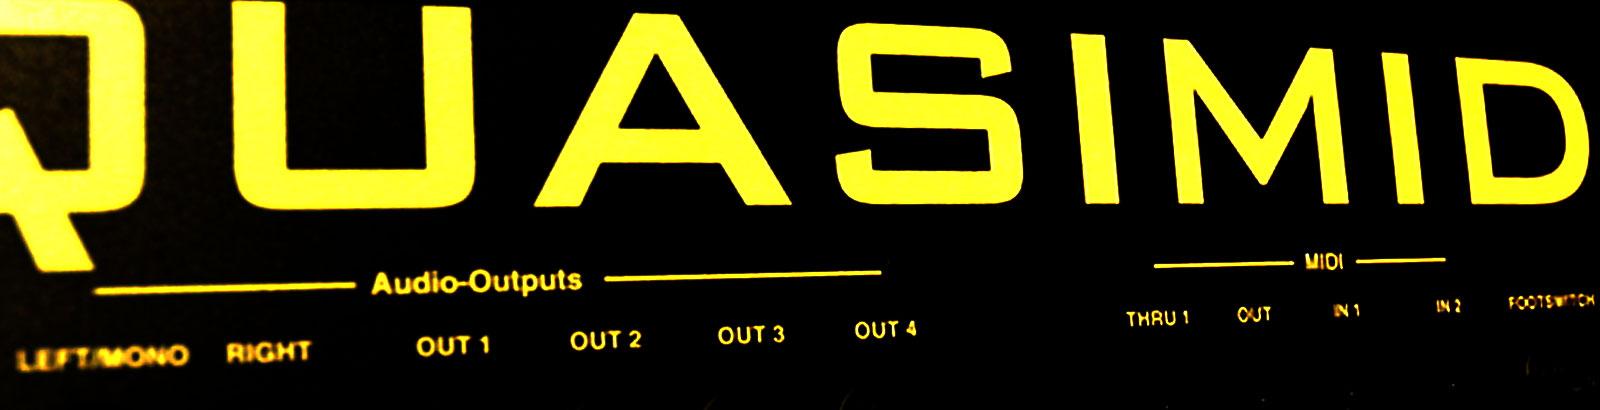 quasar mass